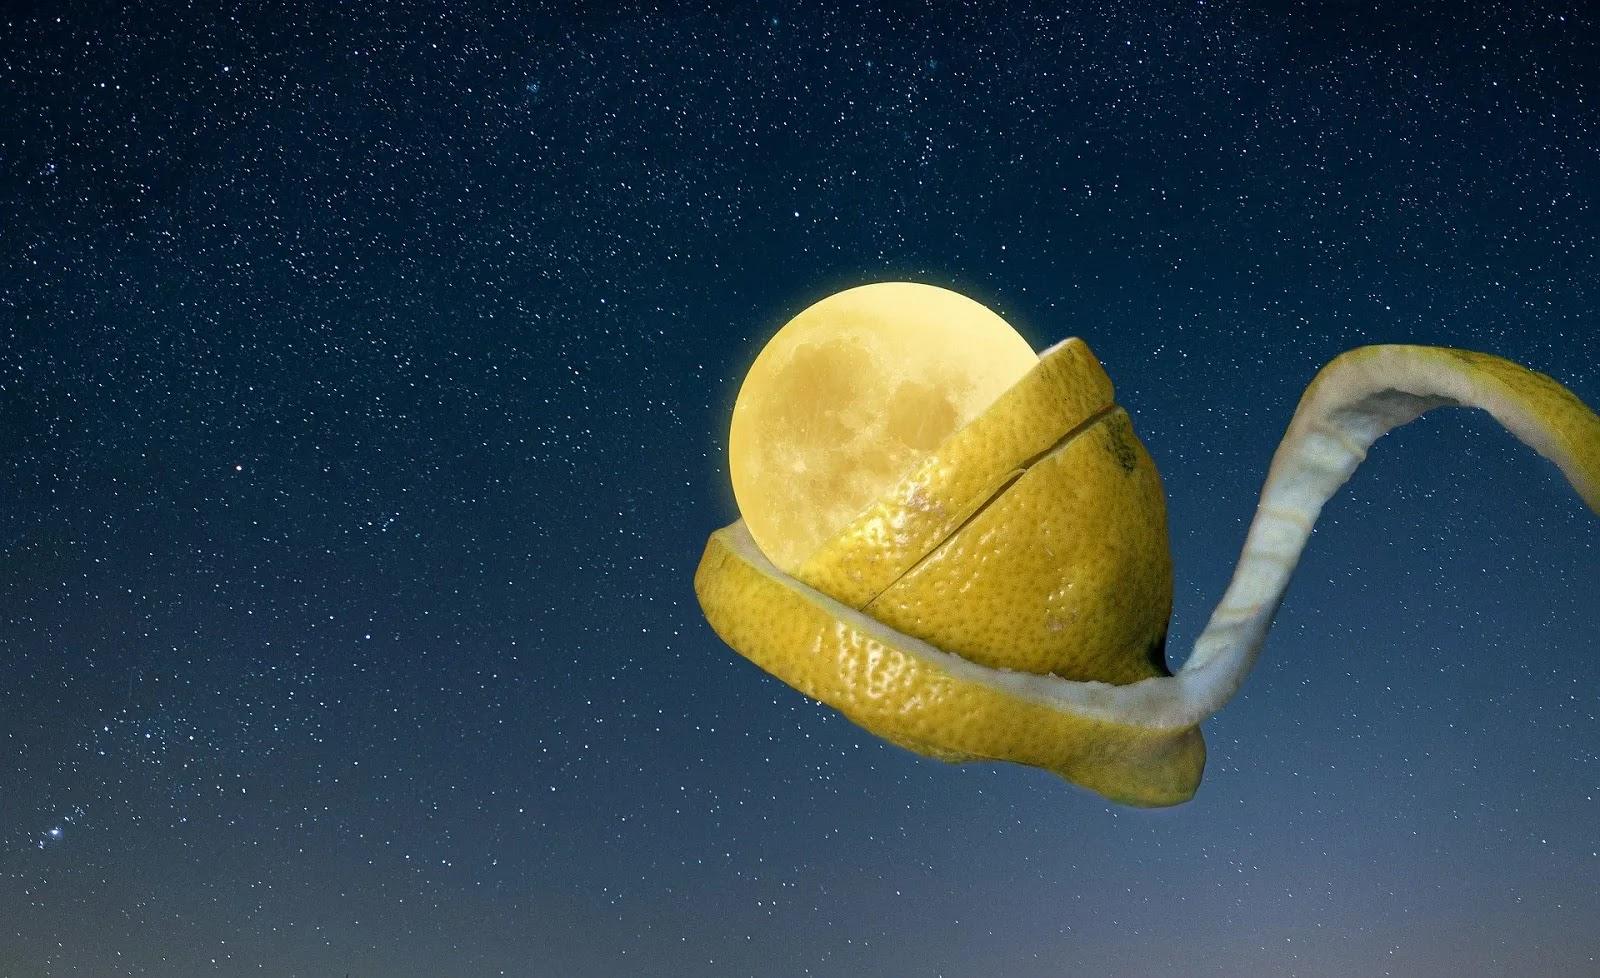 صورة القمر الملفوف بالليمون